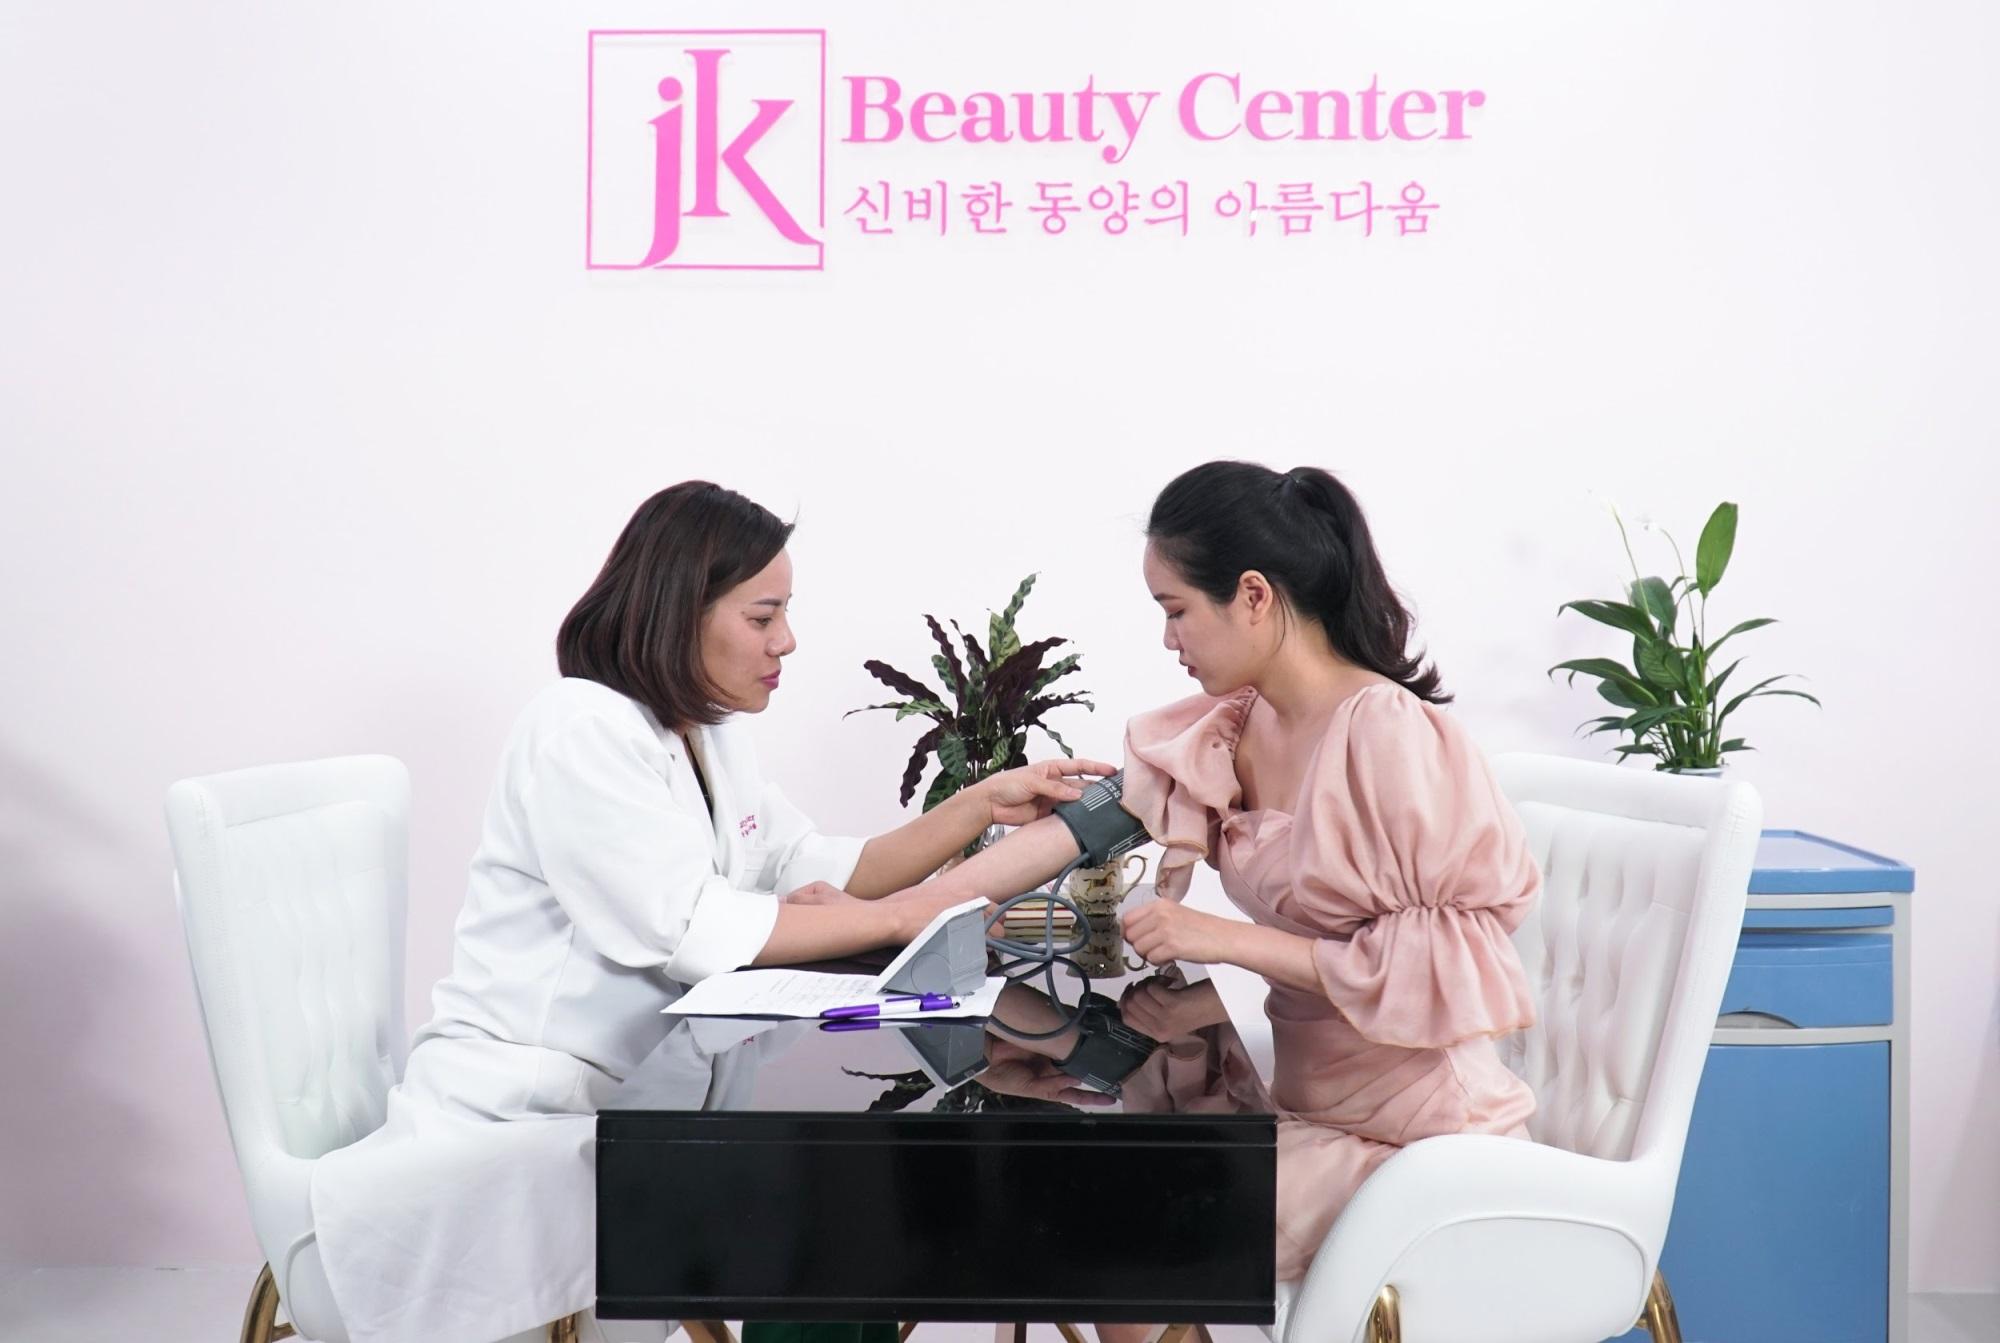 Cùng dàn sao Việt ra mắt Trung tâm chăm sóc sức khỏe và sắc đẹp hiện đại bậc nhất Việt Nam - Ảnh 1